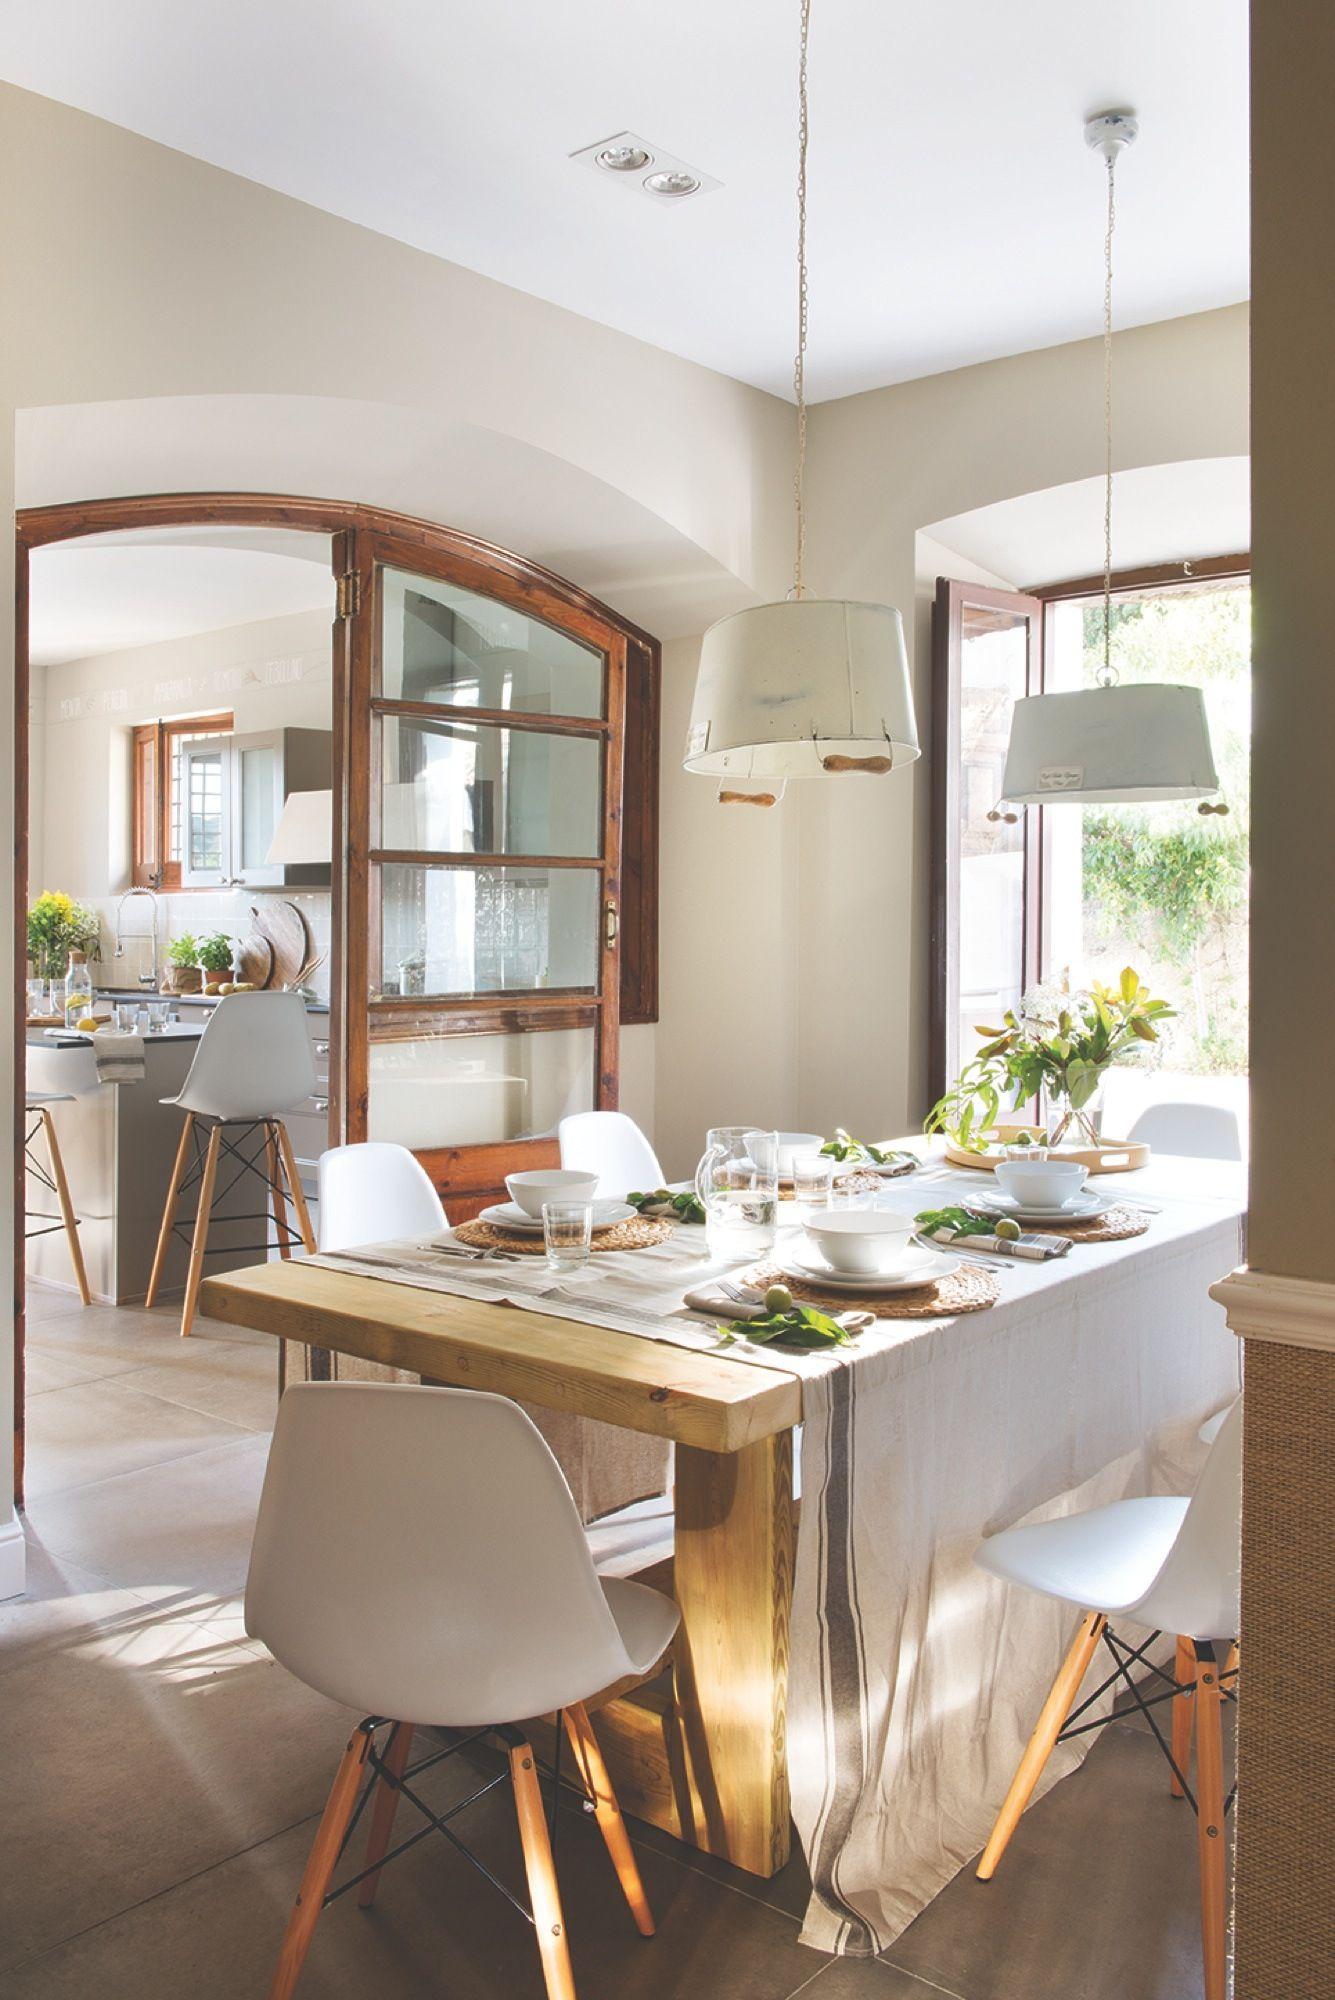 En el office comedores mesas y sillas modernas - Mesas y sillas modernas para comedor ...